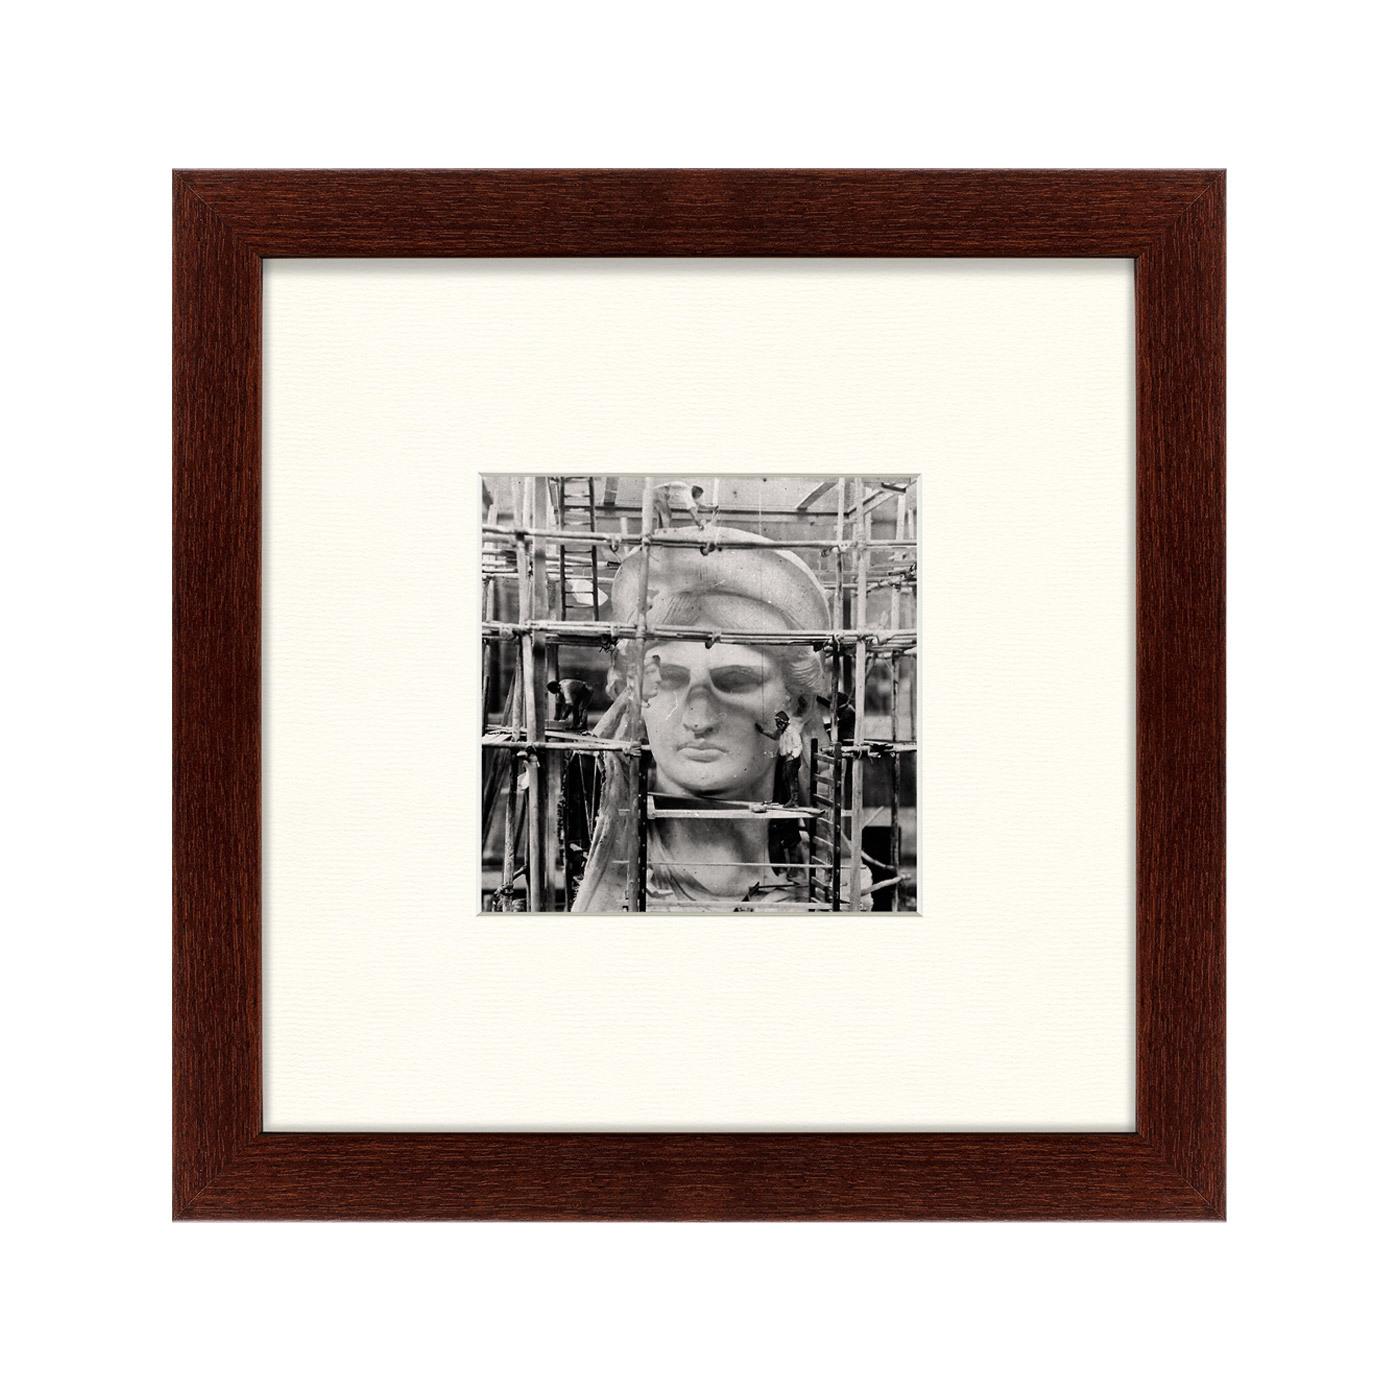 {} Картины в Квартиру Картина Строительство Статуи Свободы (35х35 см) картины в квартиру картина бульдоги в шотландской клетке 35х35 см